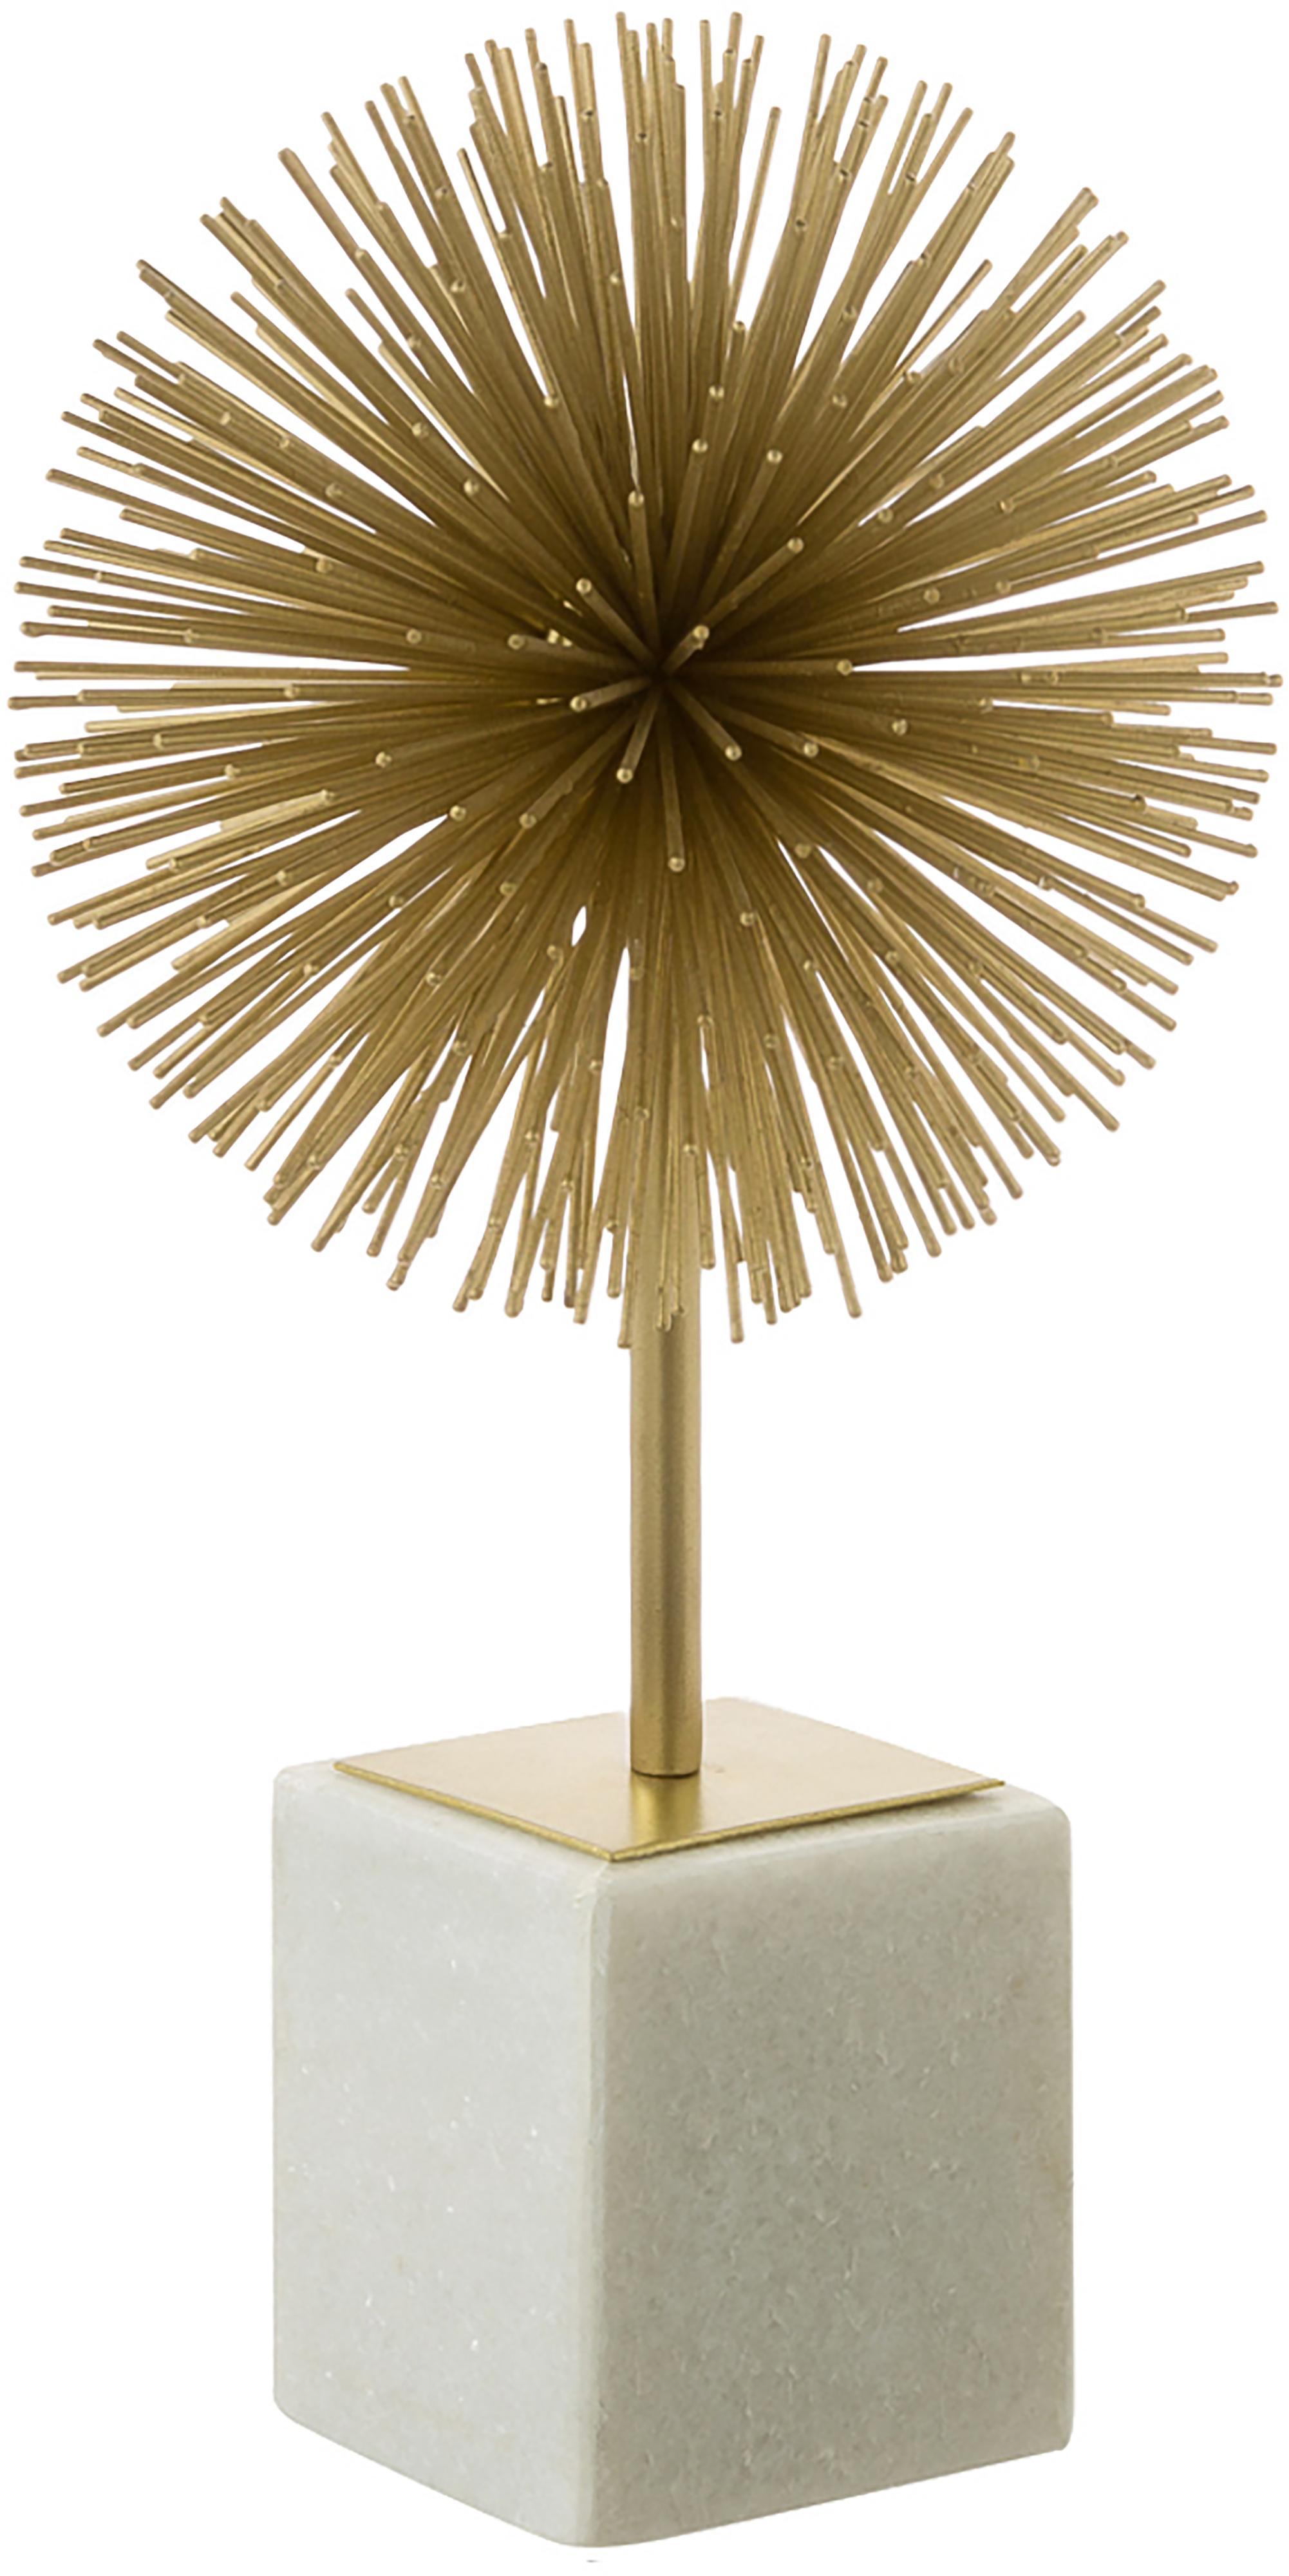 Dekoracja Marball, Nogi: marmur, Nasada: odcienie złotego<br>Nogi: biały marmur, W 30 cm